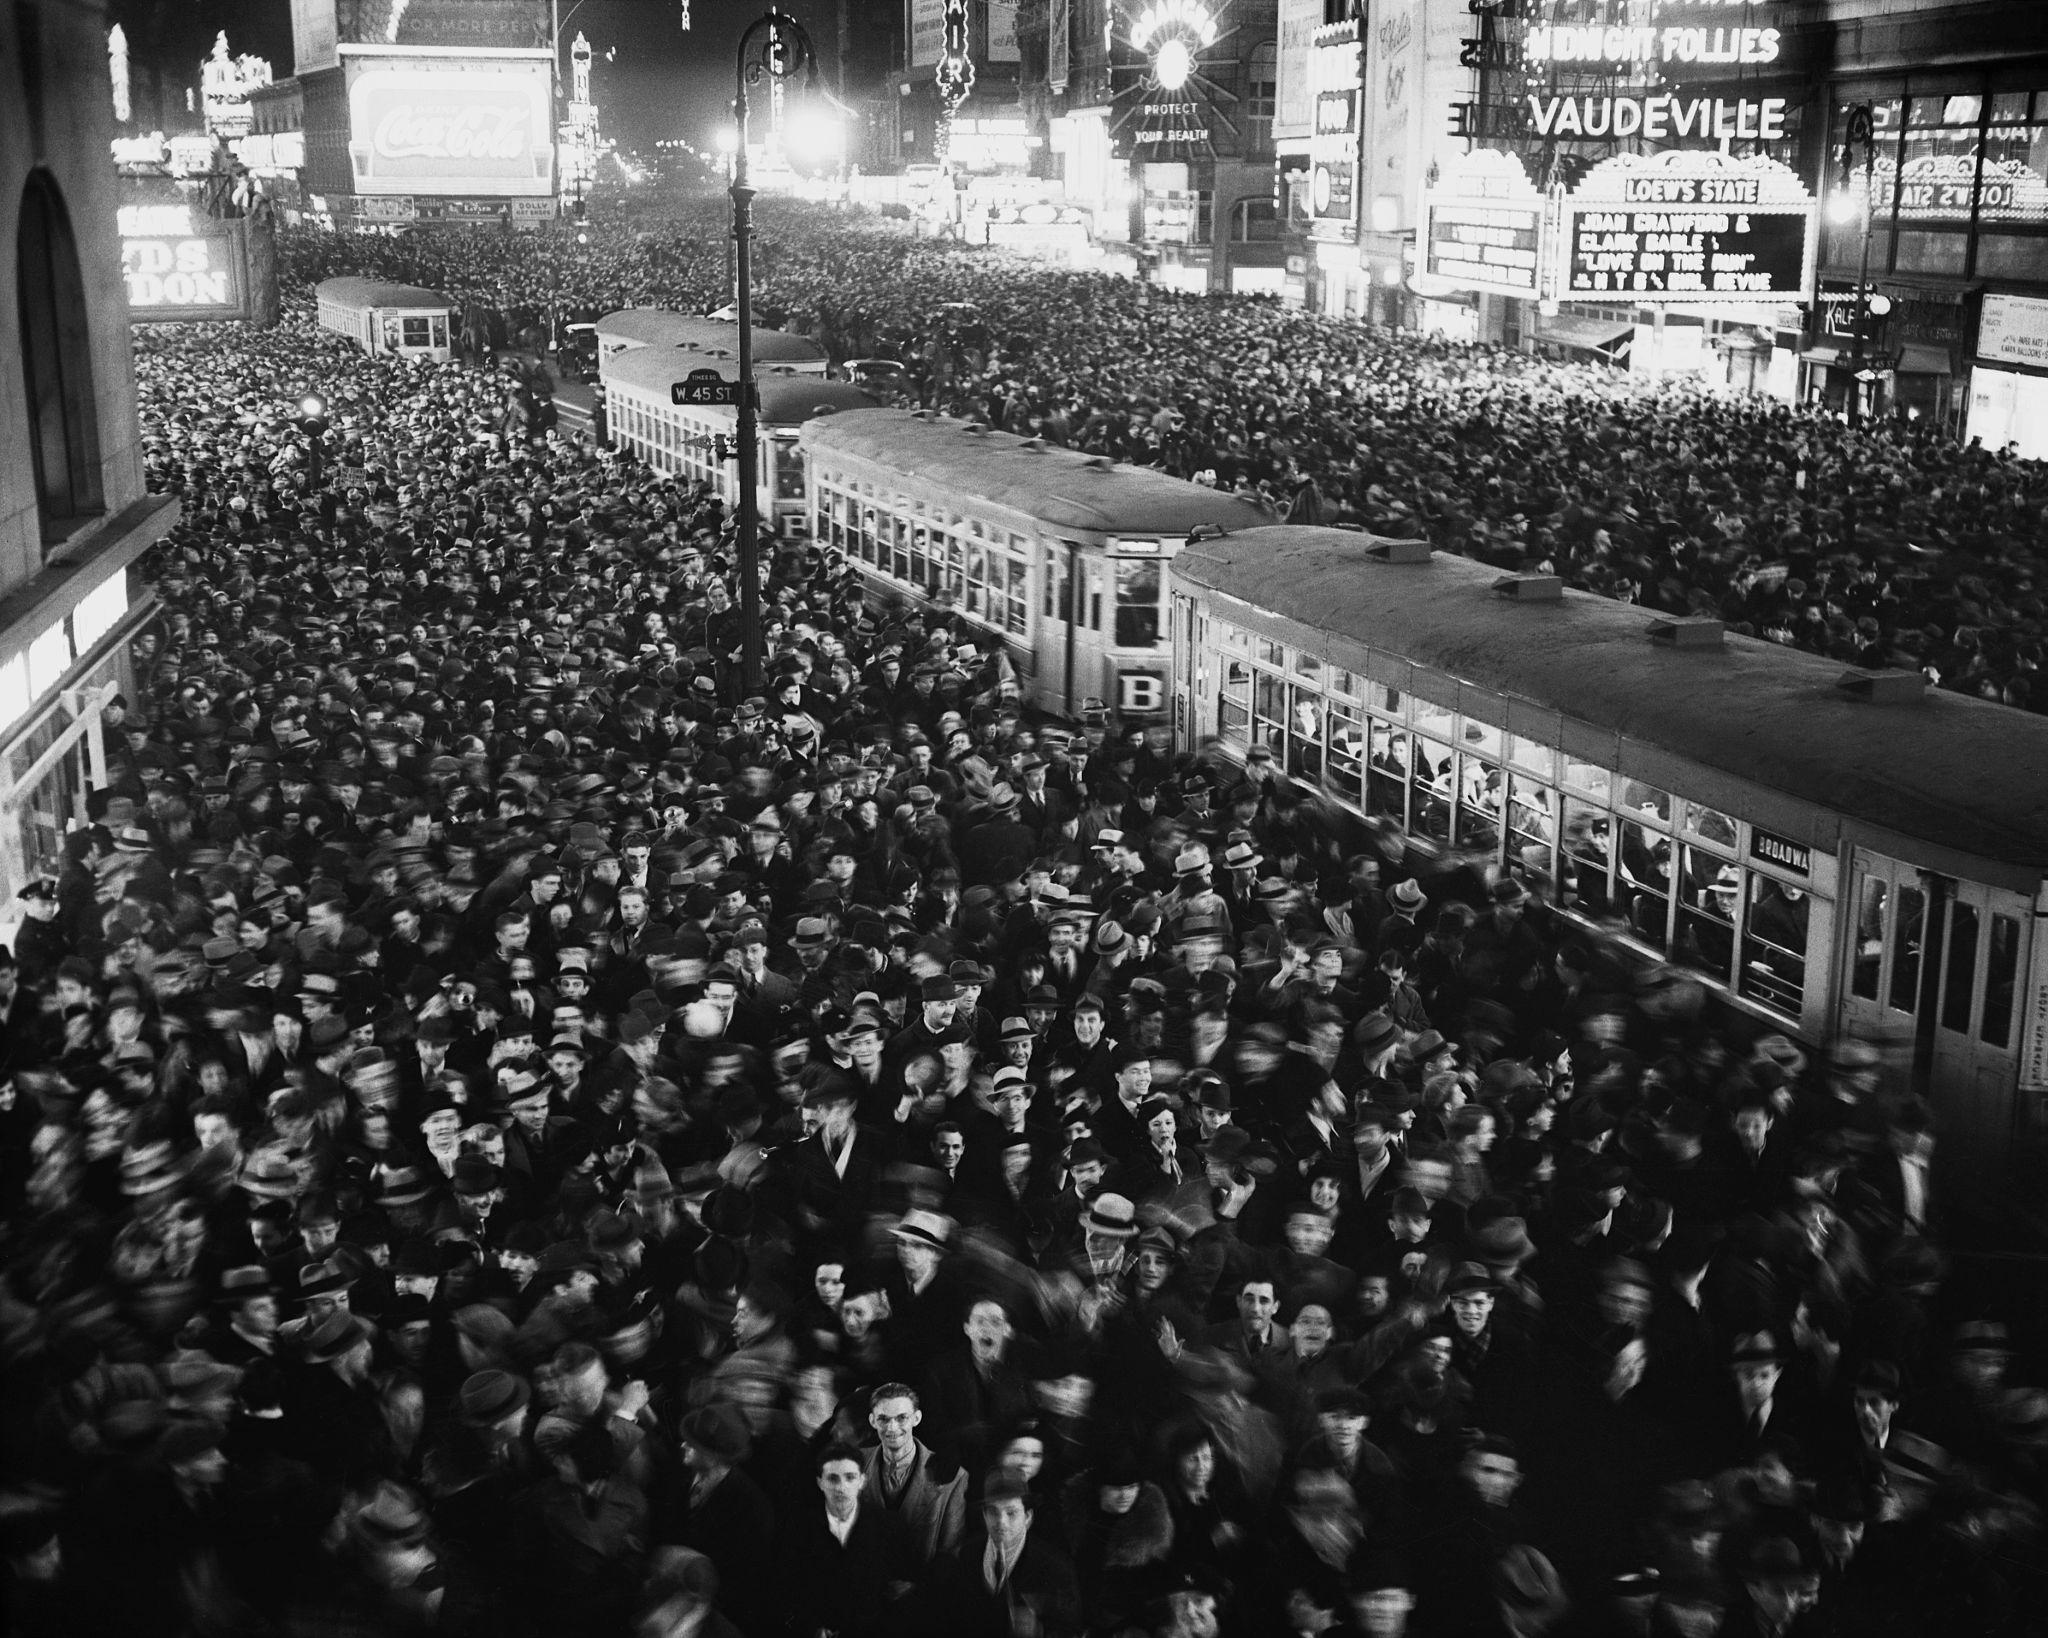 1938., Нью-Йорк. Канун Нового года на Таймс-сквер.jpg